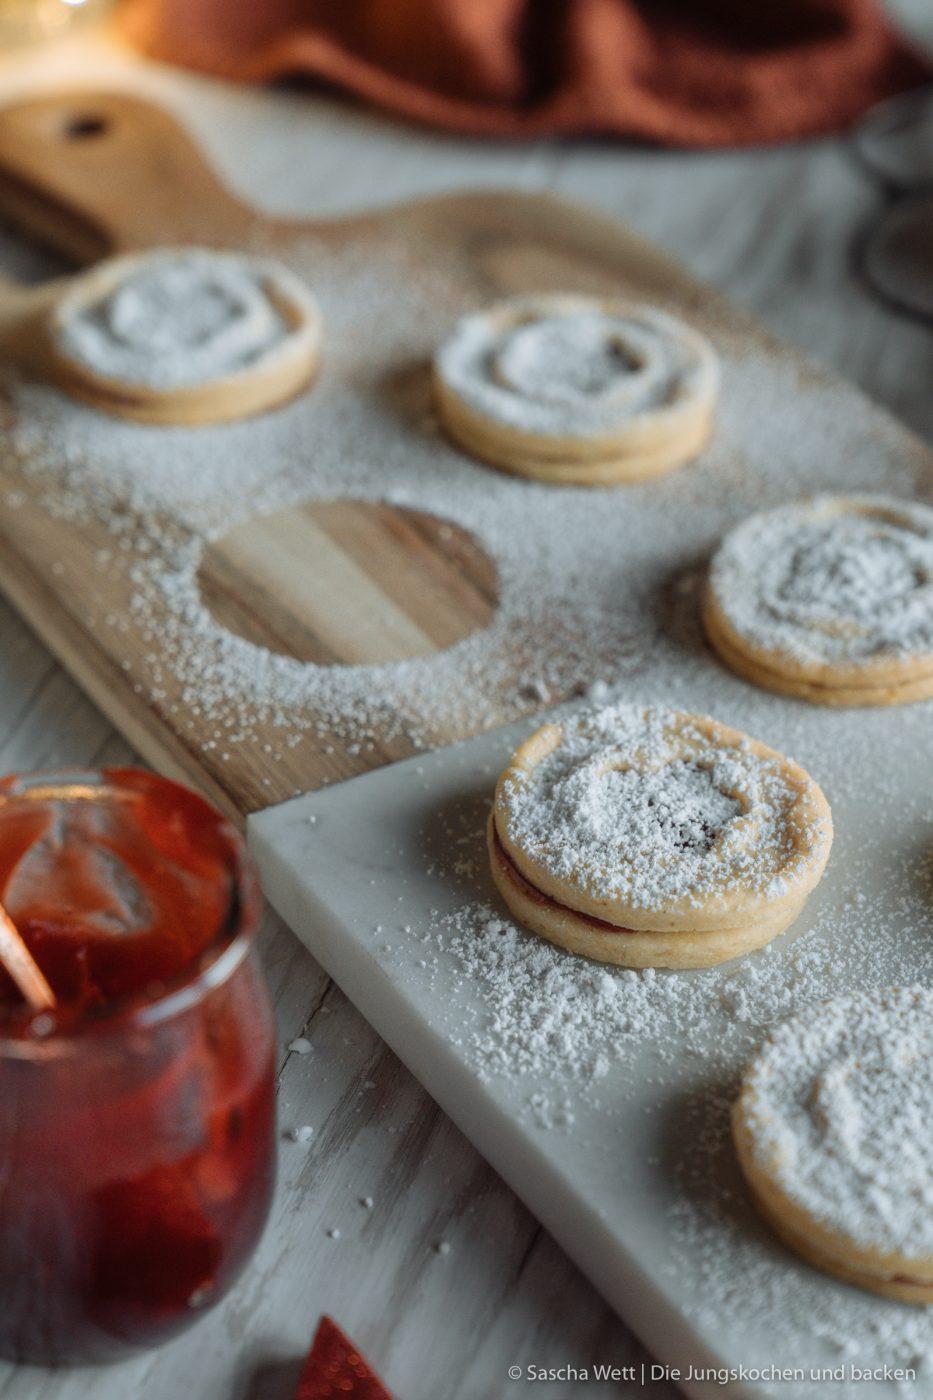 Rezept für leckere Spitzbuben ohne Haselnüsse! Aber dafür mit eurer Lieblingsmarmelade, Nougatcreme oder einer anderen spannenden Füllung. Schnell gemacht und ein absoluter Weihnachtsklassiker! #weihnachtsbäckerei #plätzchen #diejungskochenundbacken